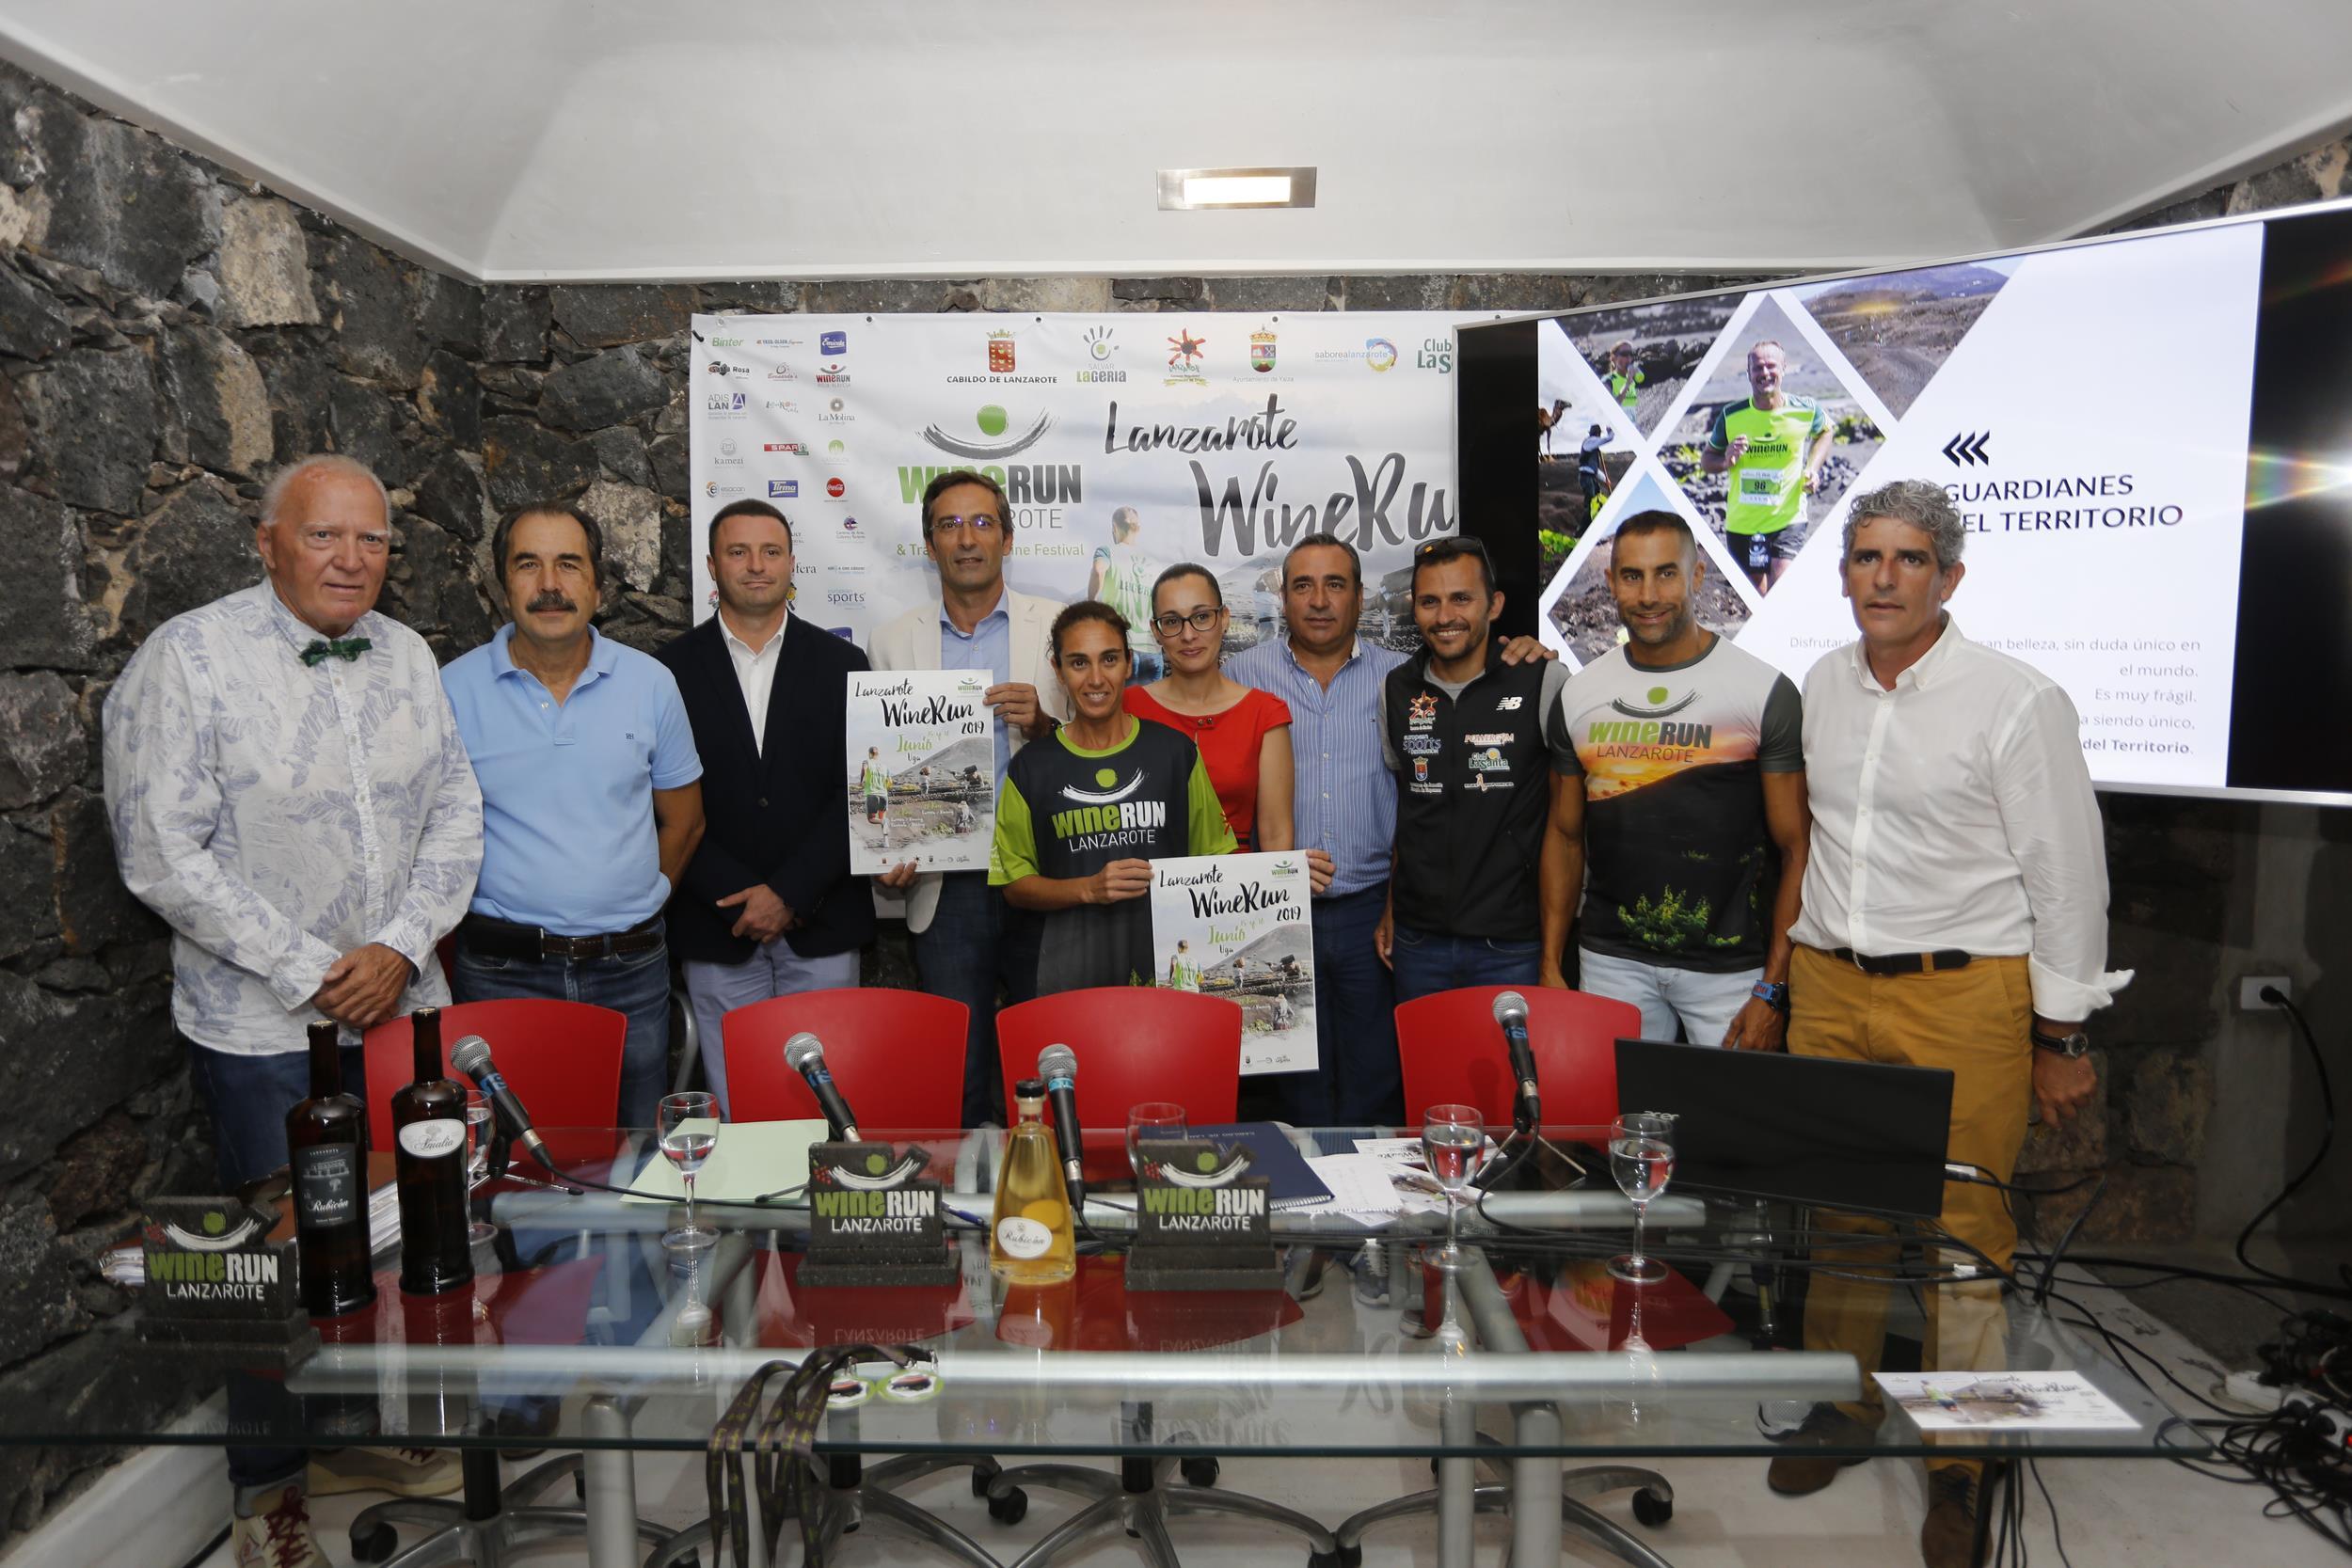 Aroa Merino y los olímpicos Lionel Morales y José Carlos Hernández participarán en la 'Lanzarote Wine Run' que se celebra el 16 de junio